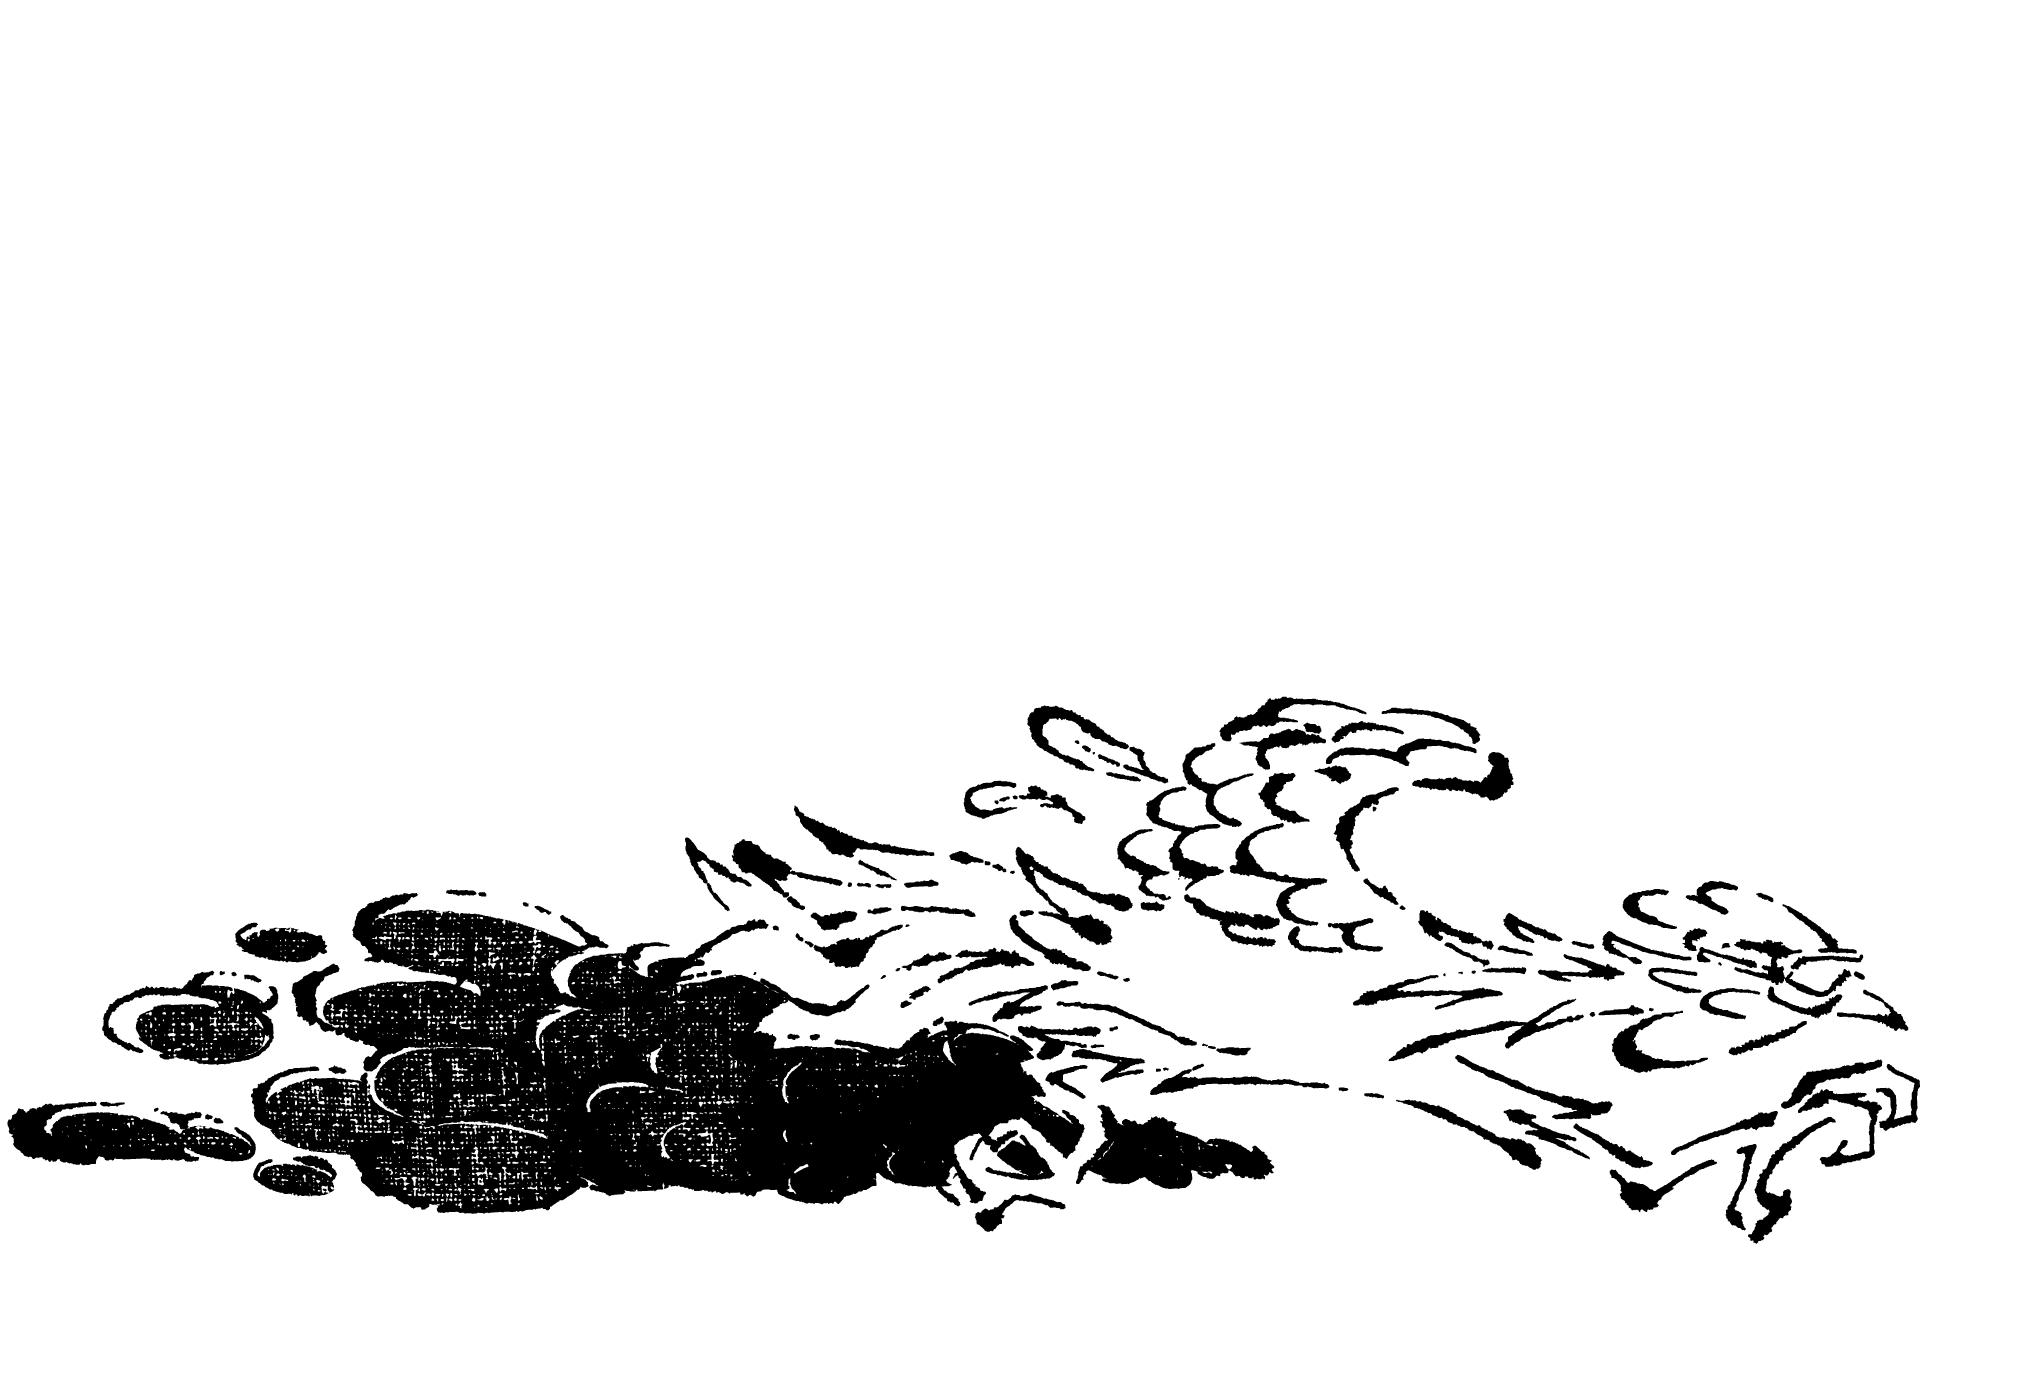 2017年賀状09-3:Running chicken / line drawingのダウンロード画像